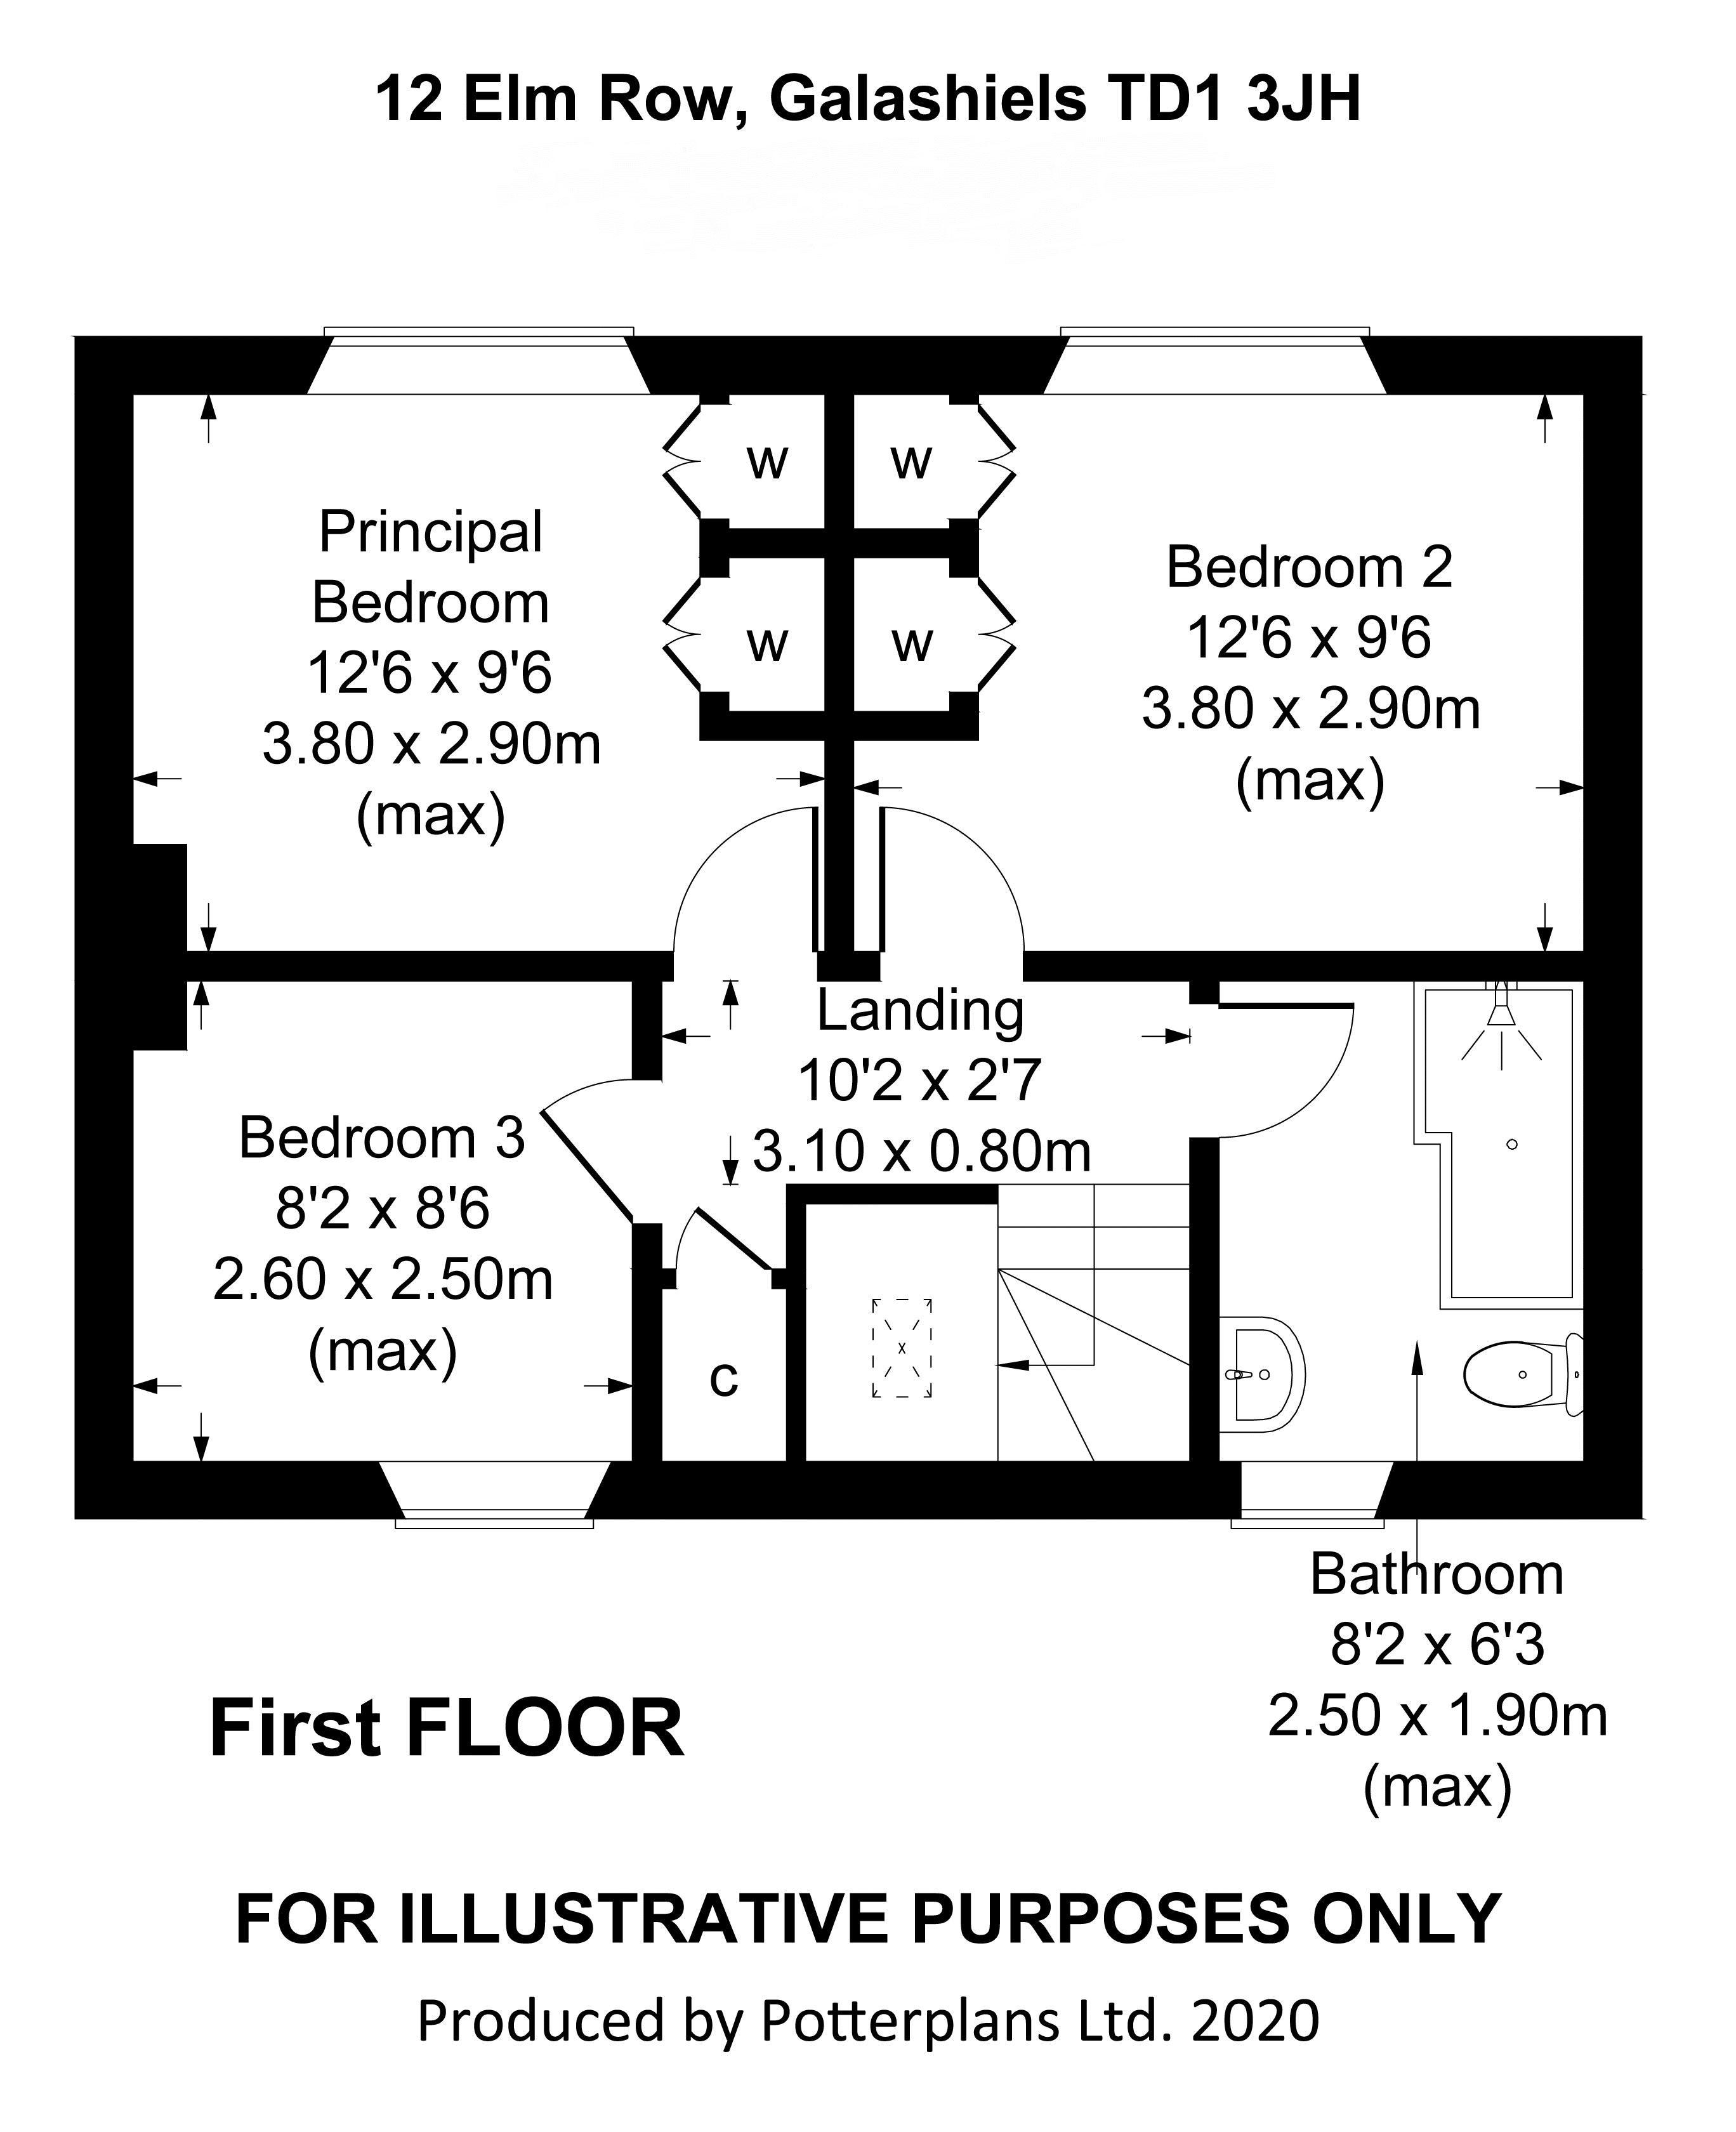 12 Elm Row First Floor